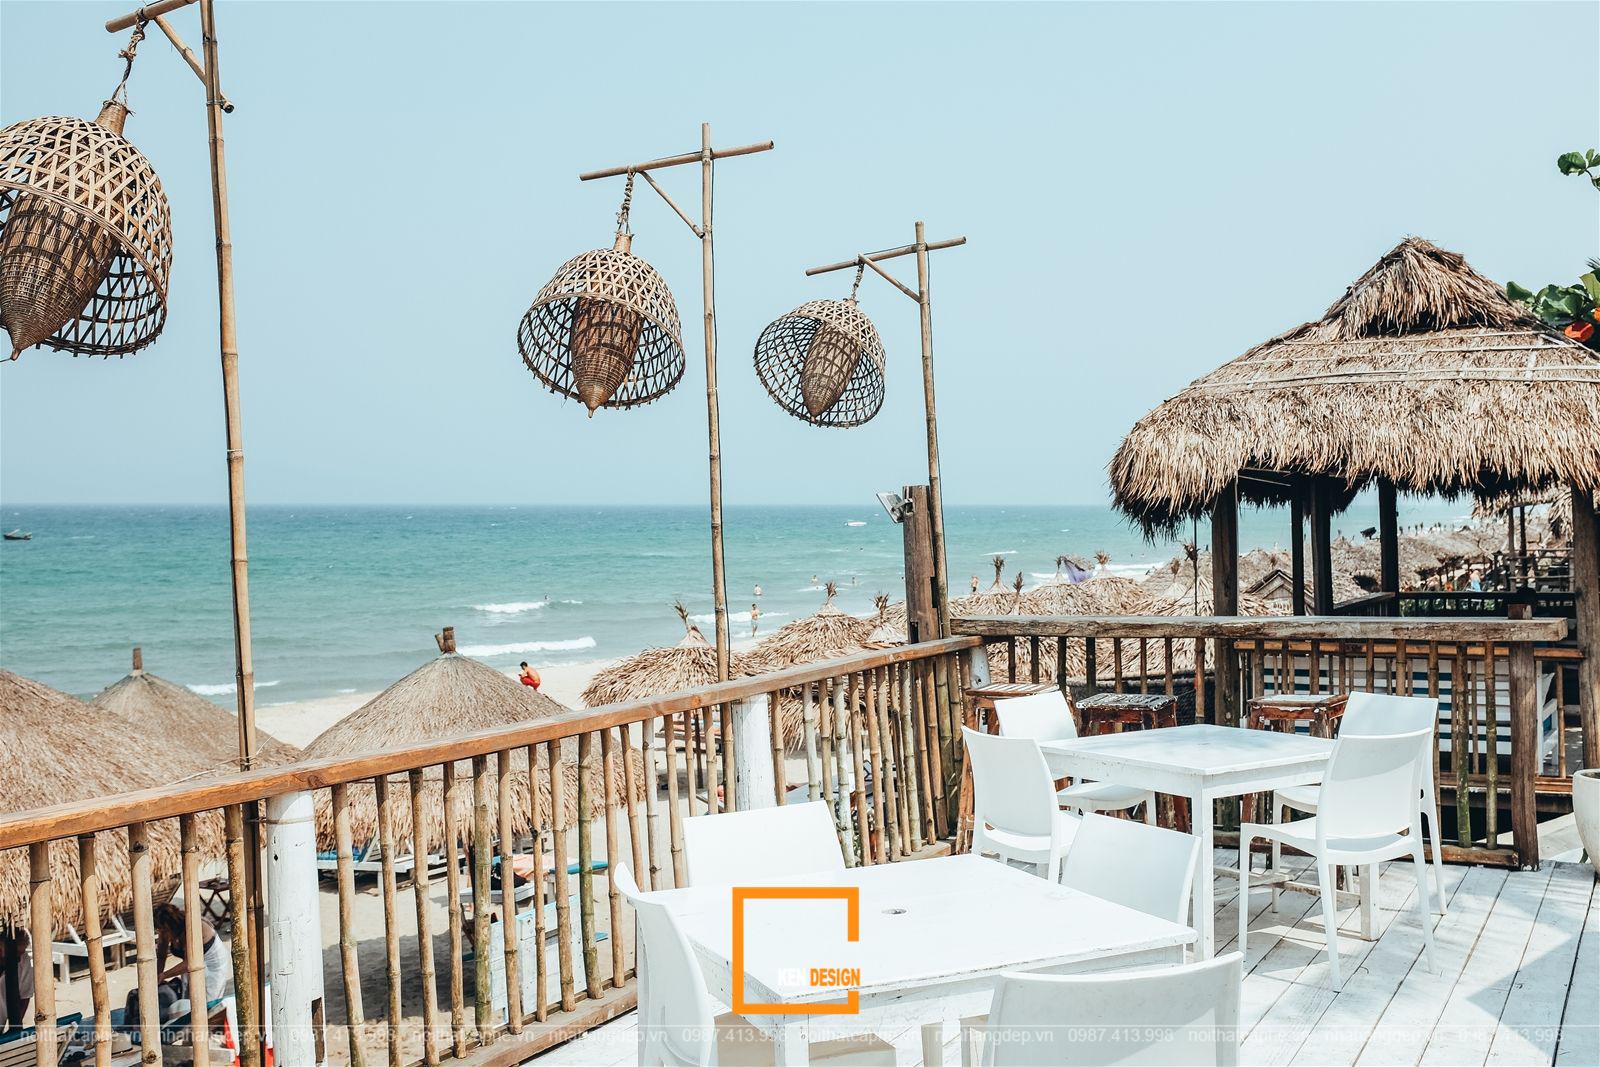 quán cà phê ven biển sử dụng những chất liệu có độ bền cao